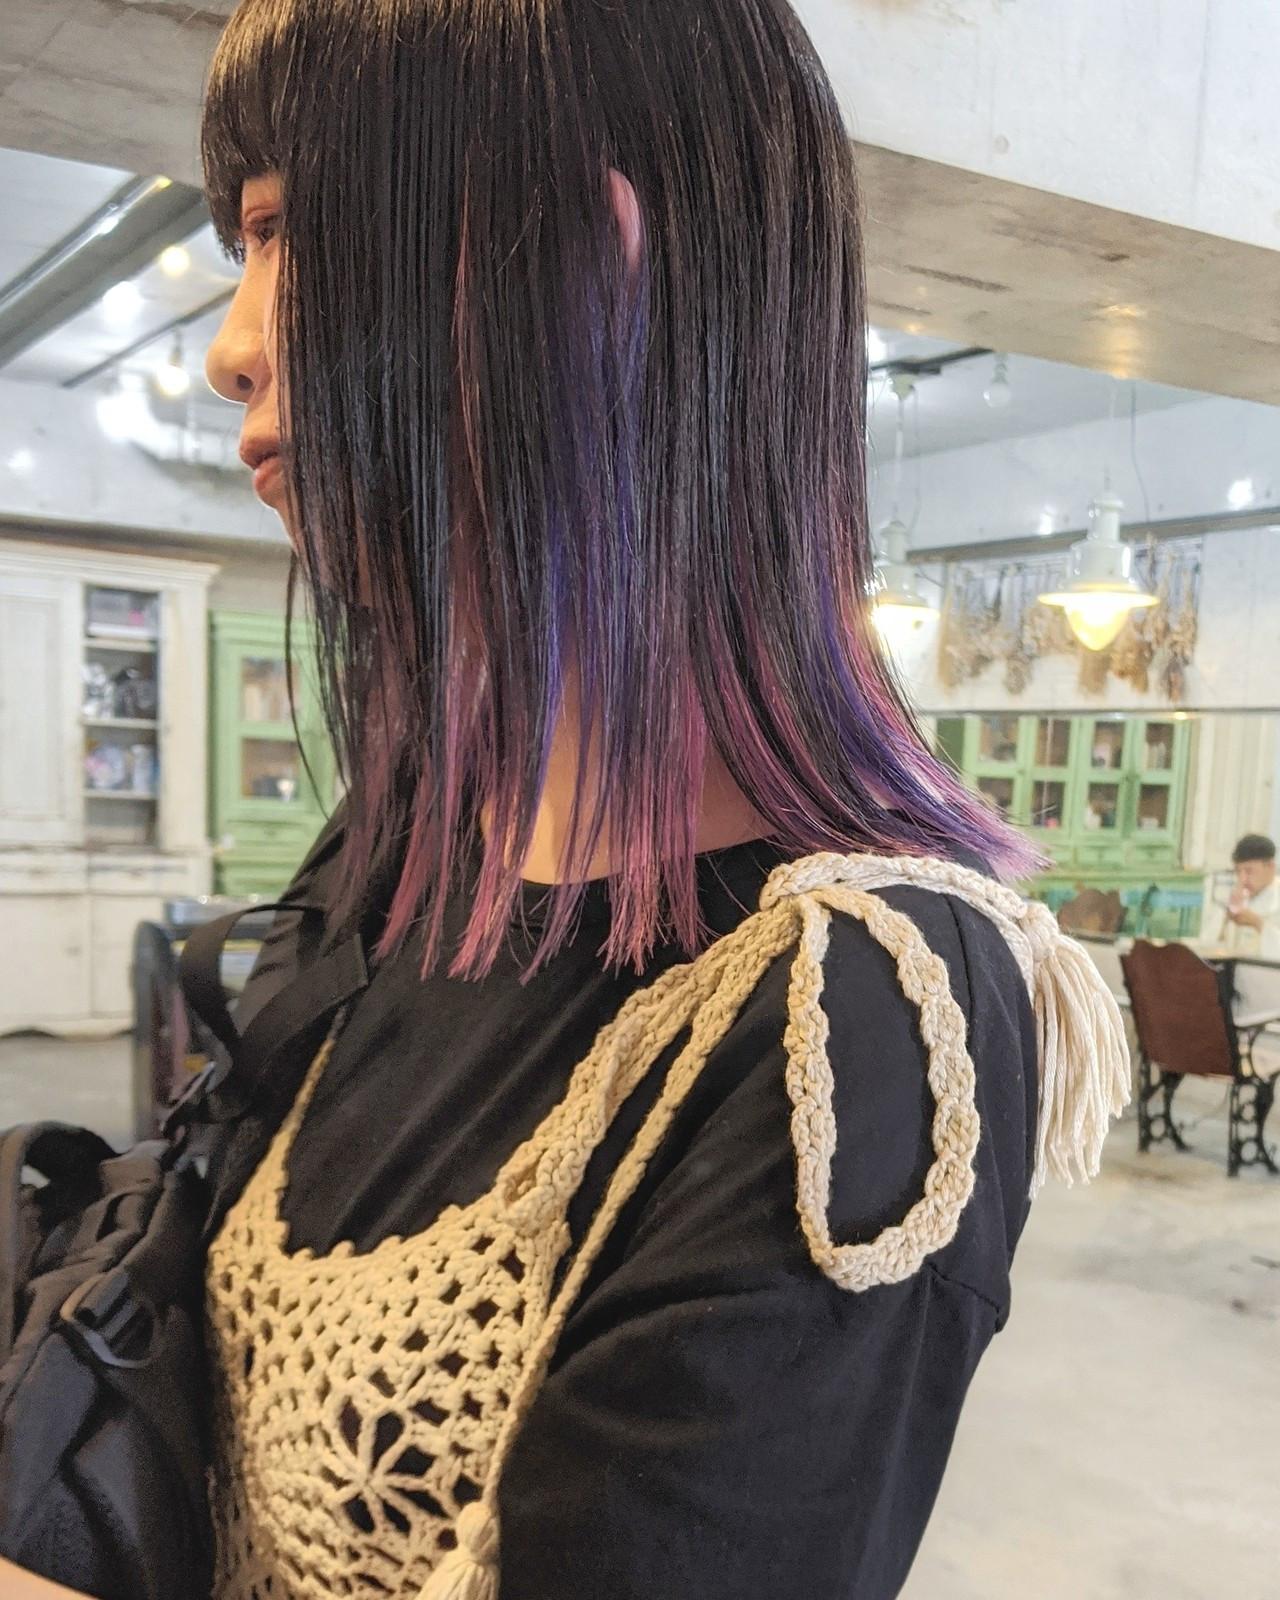 #インナーカラー ミディアム 切りっぱなし ロブ ヘアスタイルや髪型の写真・画像